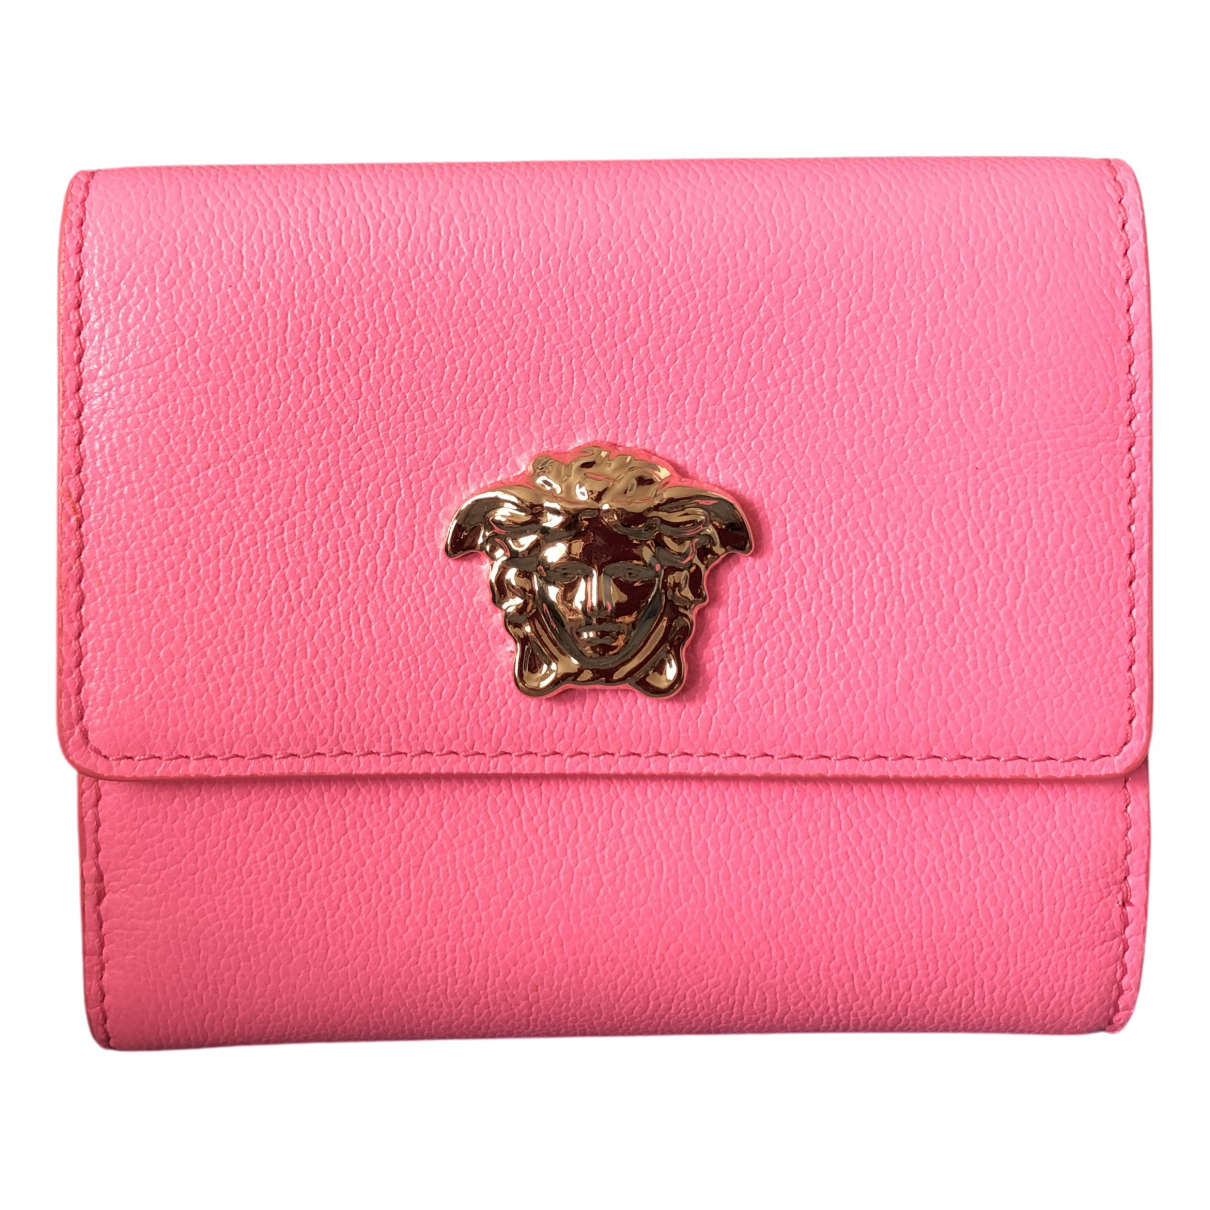 Versace - Portefeuille   pour femme en cuir - rose